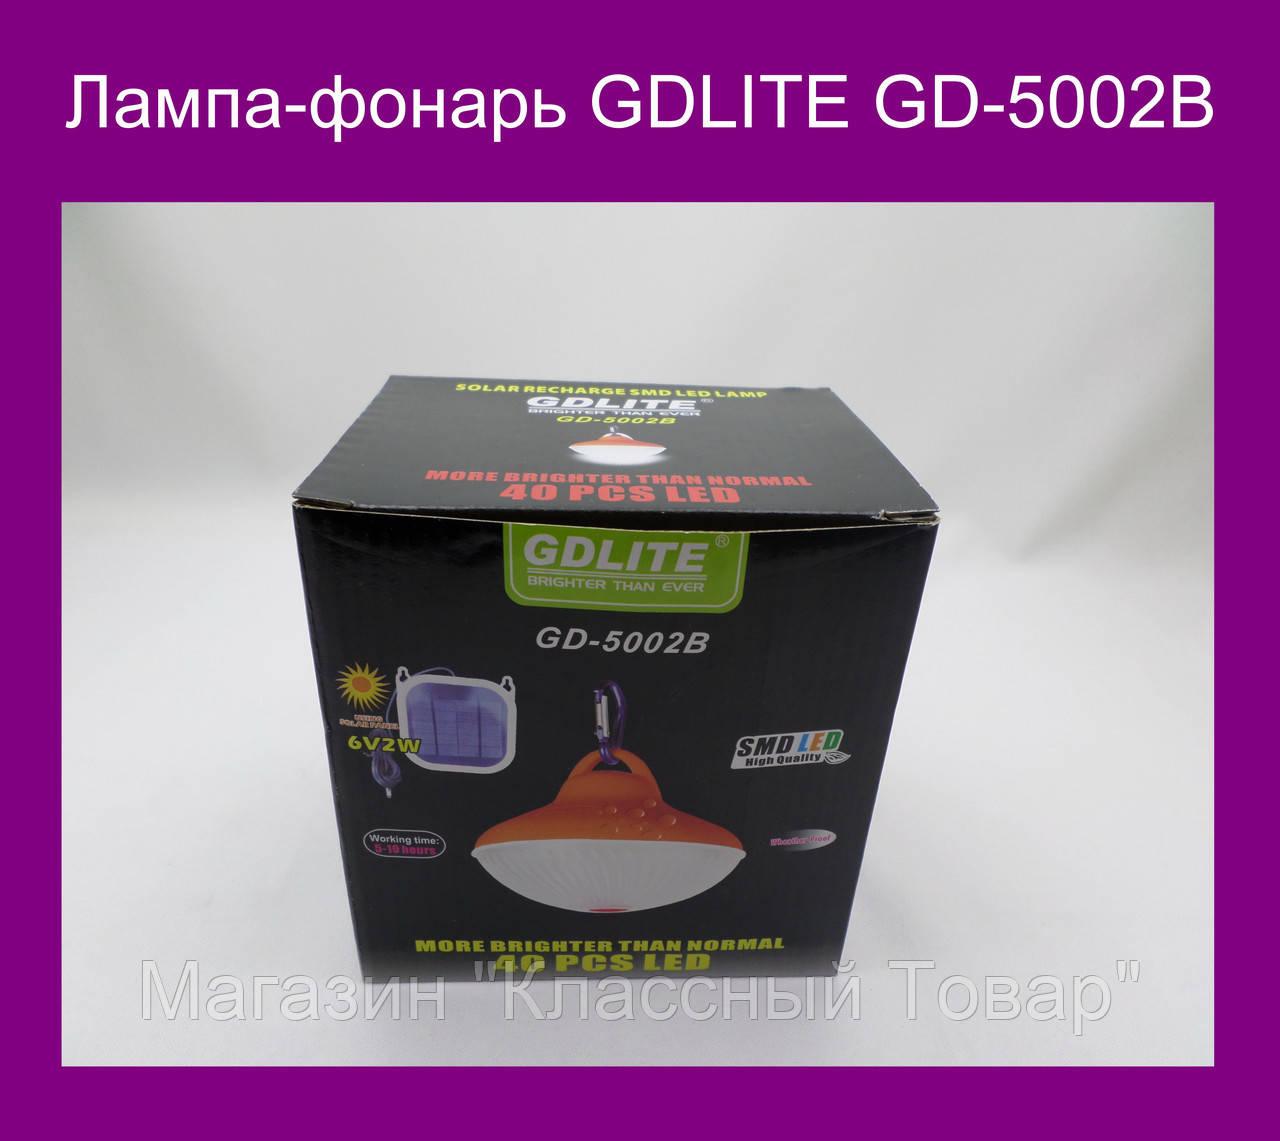 Лампа-фонарь GDLITE GD-5002B!Лучший подарок